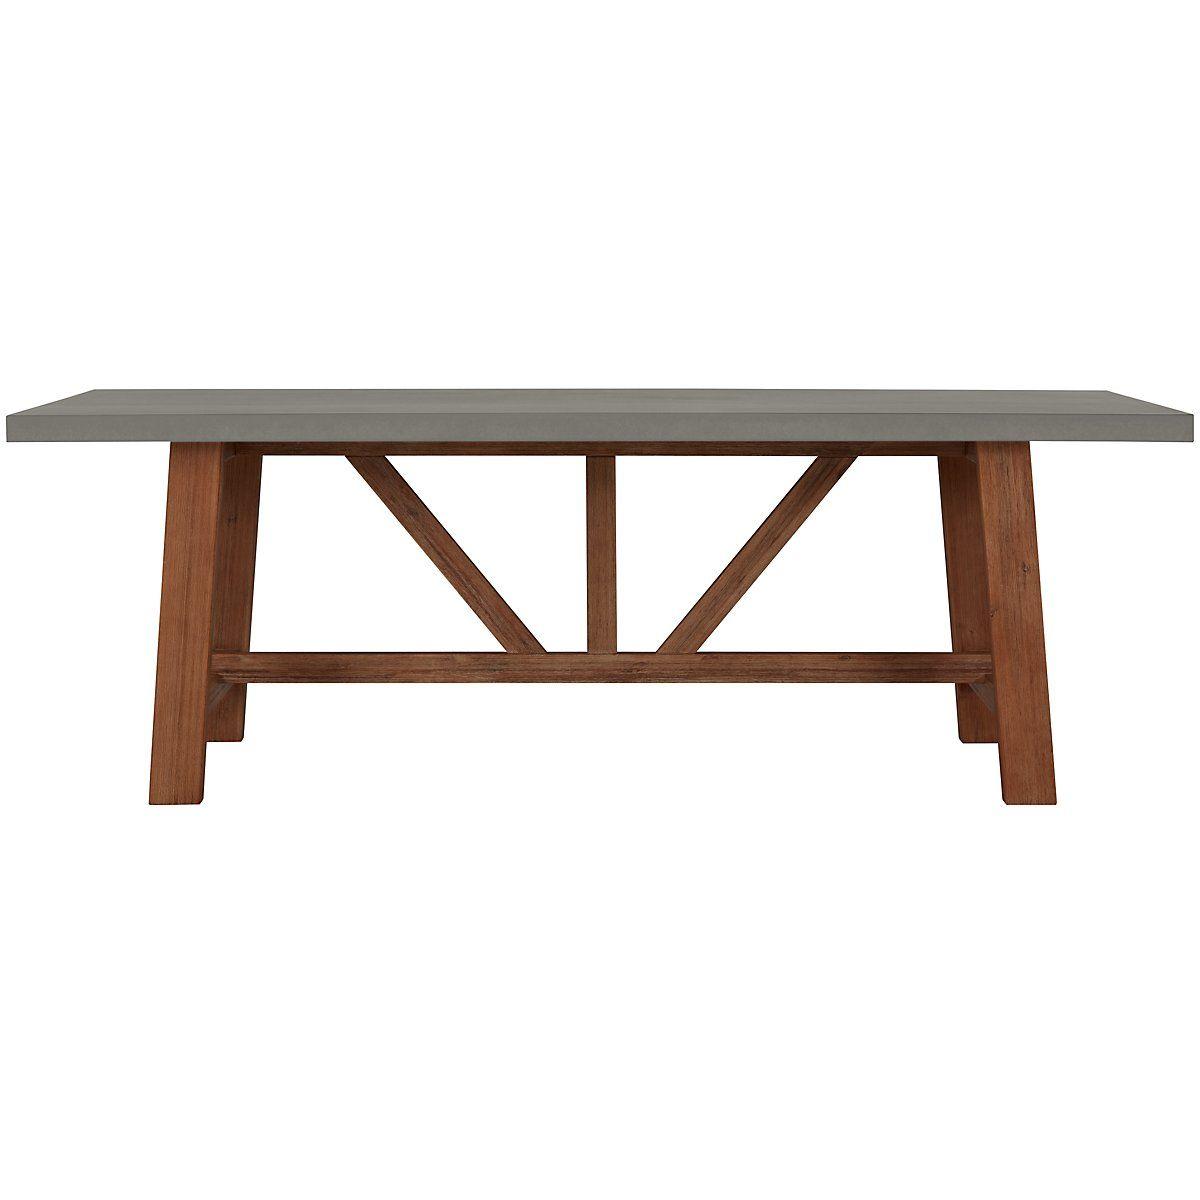 Canyon Concrete Concrete Rectangular Table Rectangular Table